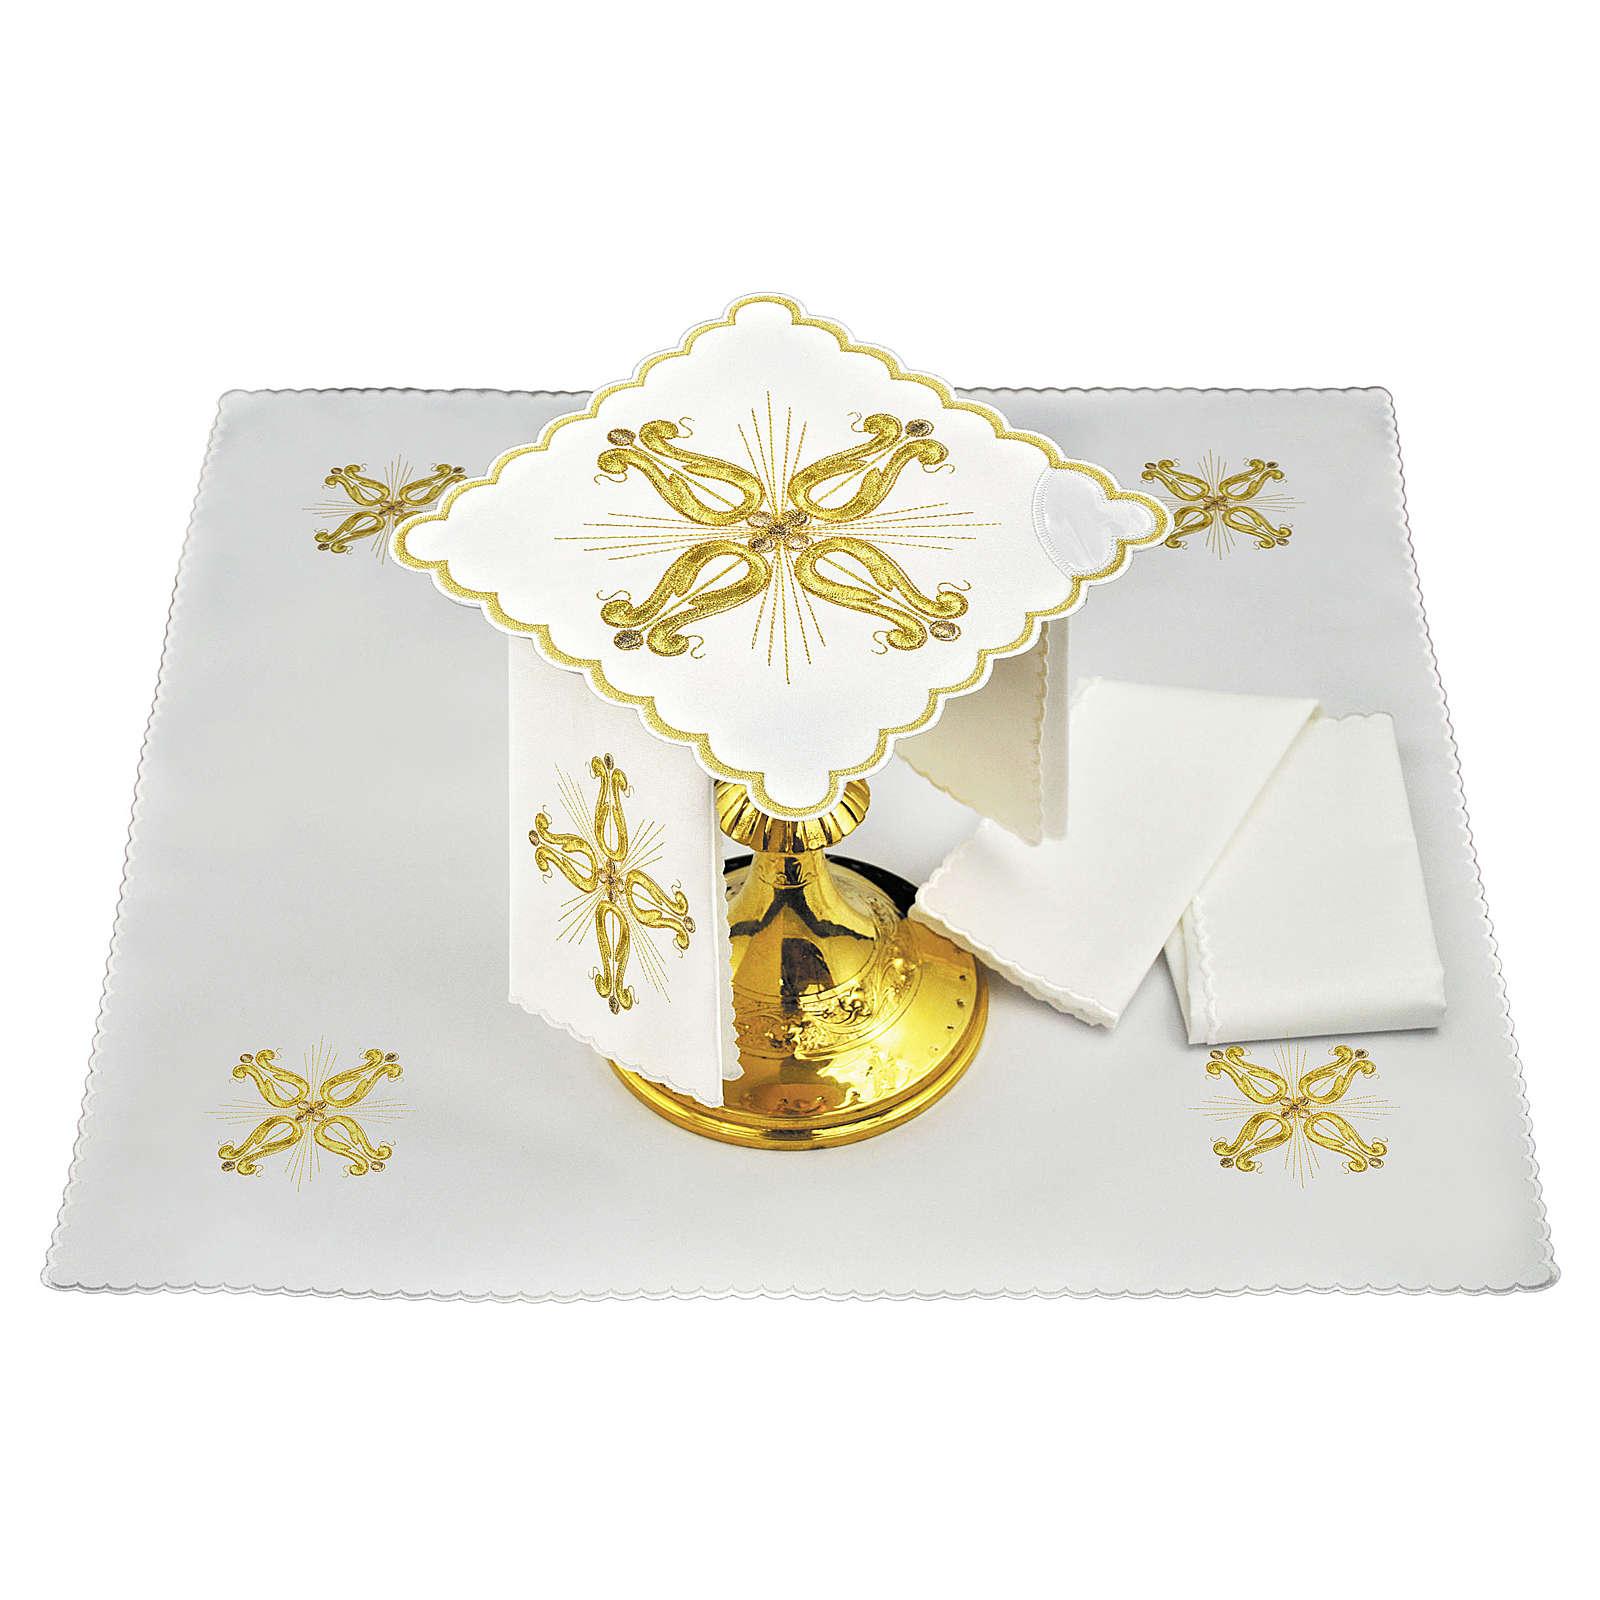 Conjunto altar algodão cruz dourada barroca com flor central 4